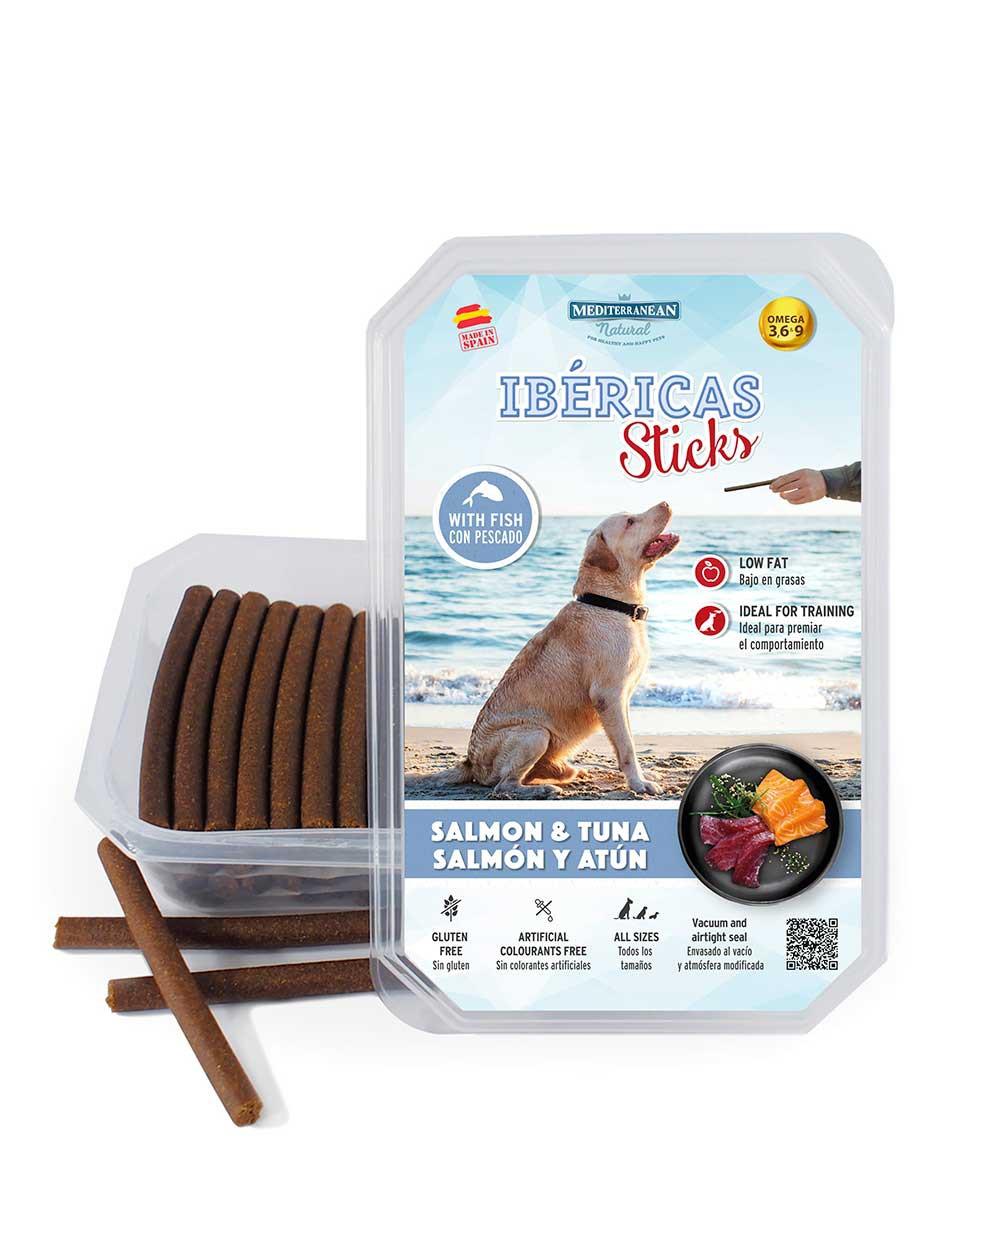 ibericas sticks de salmón y atún para perros Mediterranean Natural